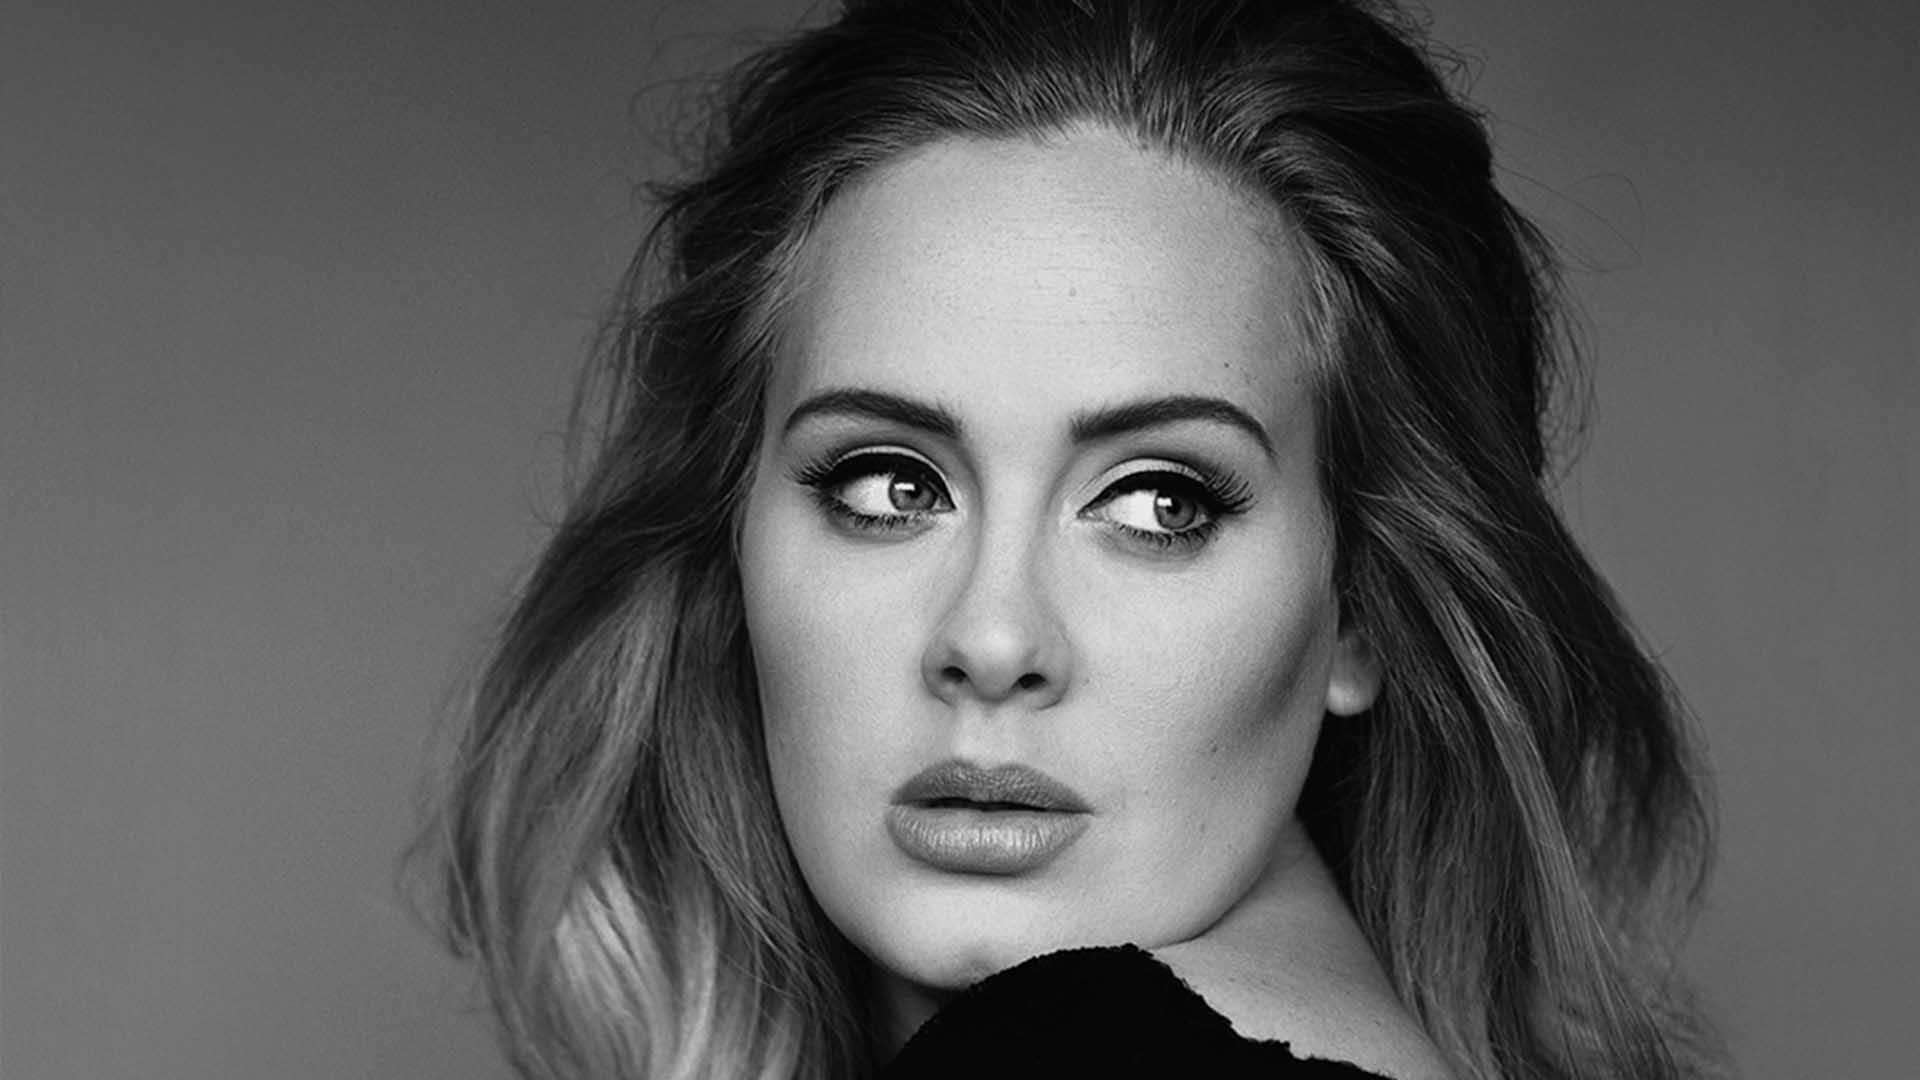 La forza di Adele